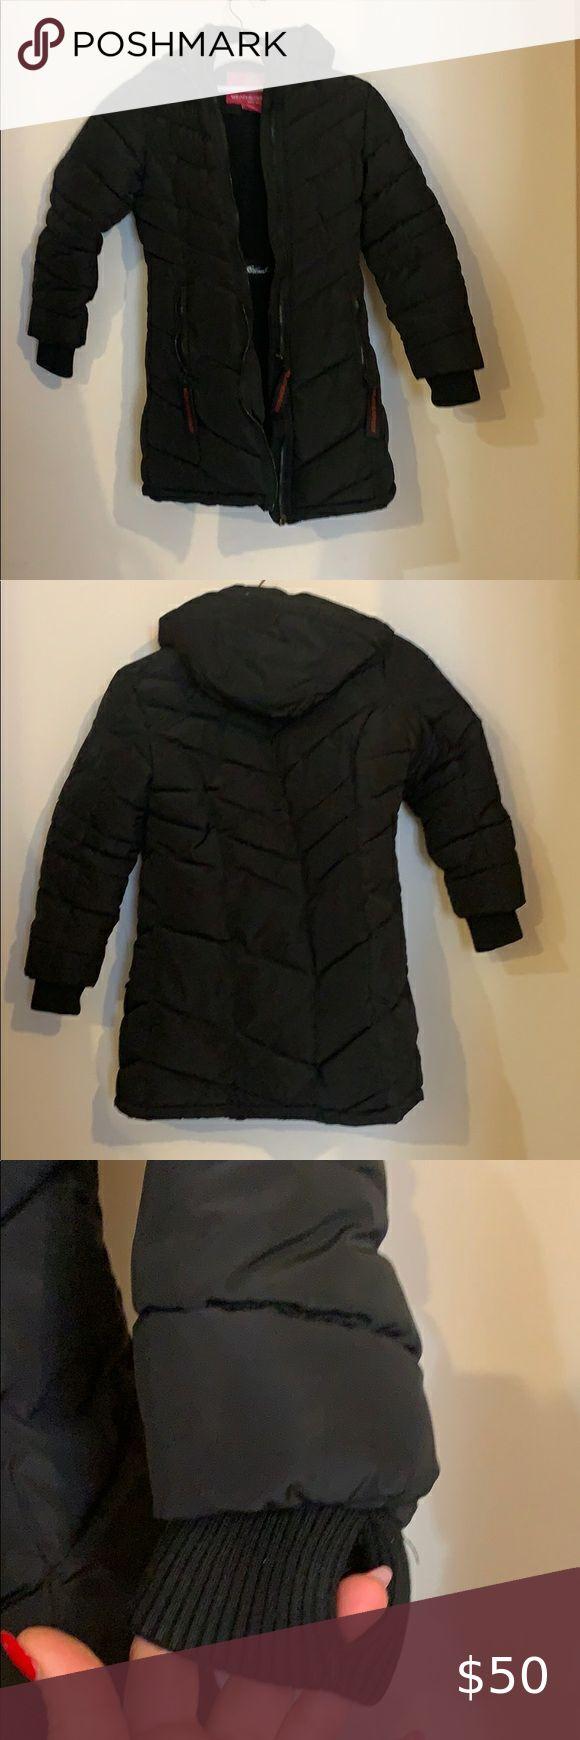 Two Weatherproof Girls Coats Girl Coat Boy Outerwear Long Puffer Coat [ 1740 x 580 Pixel ]